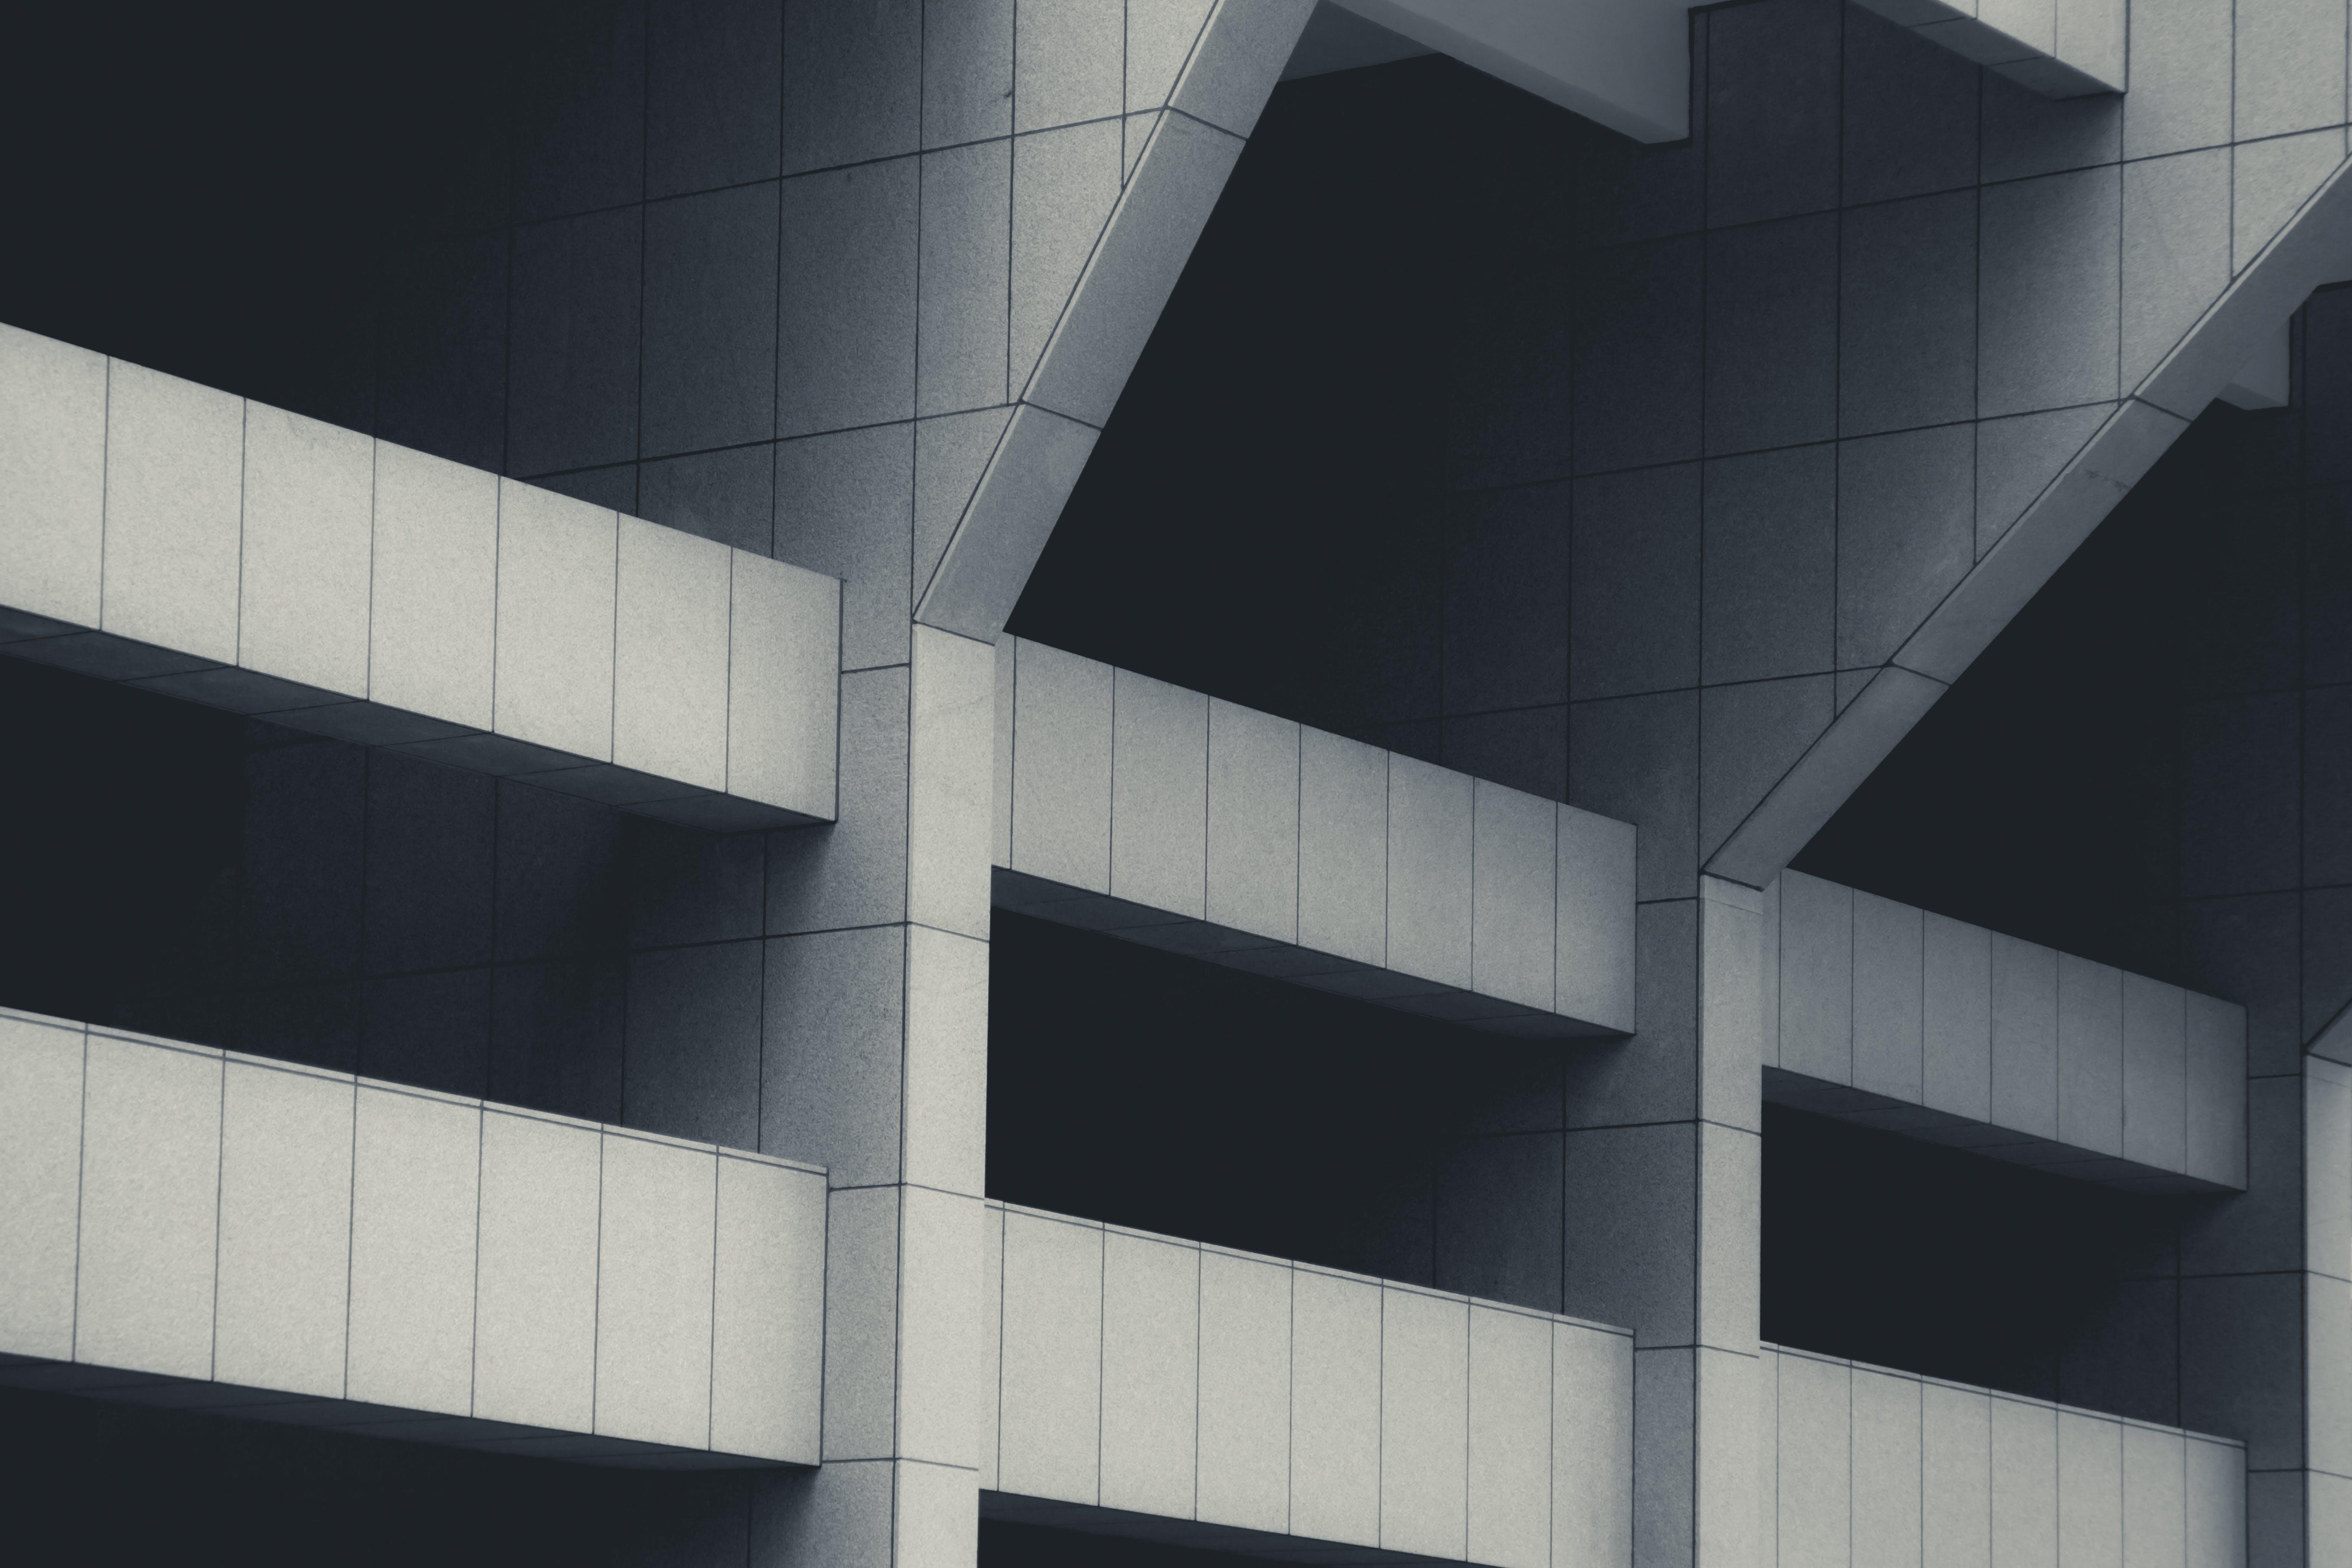 城市, 多層建築, 幾何, 建築物正面 的